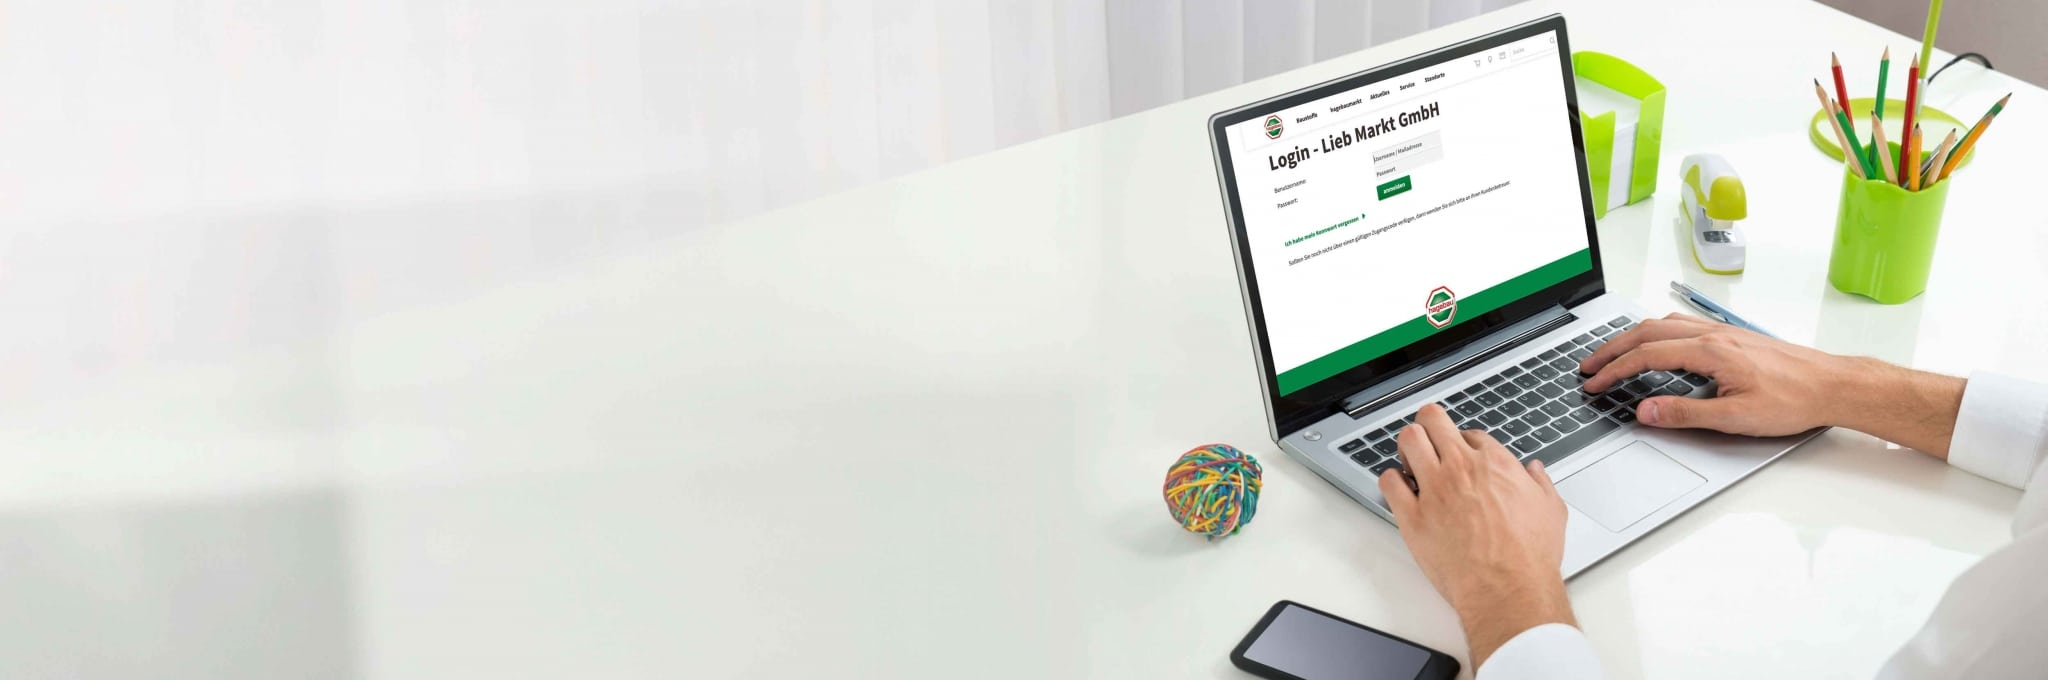 Log-in Bildschirm für das Lieb Markt Gewerbeportal auf dem Laptop.